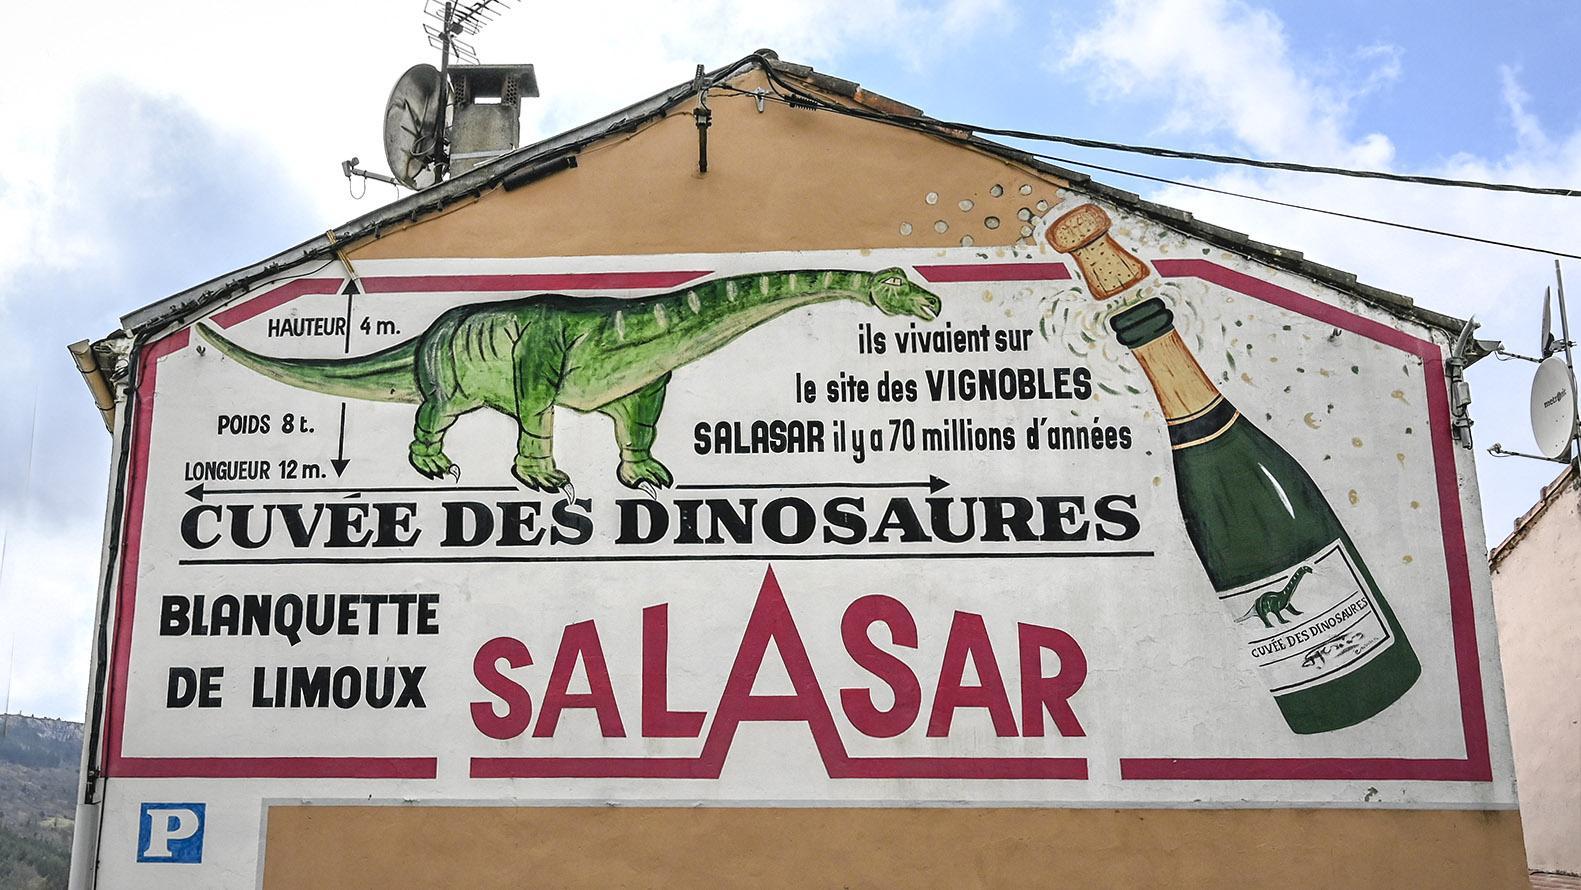 Campagne-sur-Aude: Auch eine örtliche Blanquette-Kellerei wirbt mit dem Erbe der Dinos. Foto: Hilke Maunder